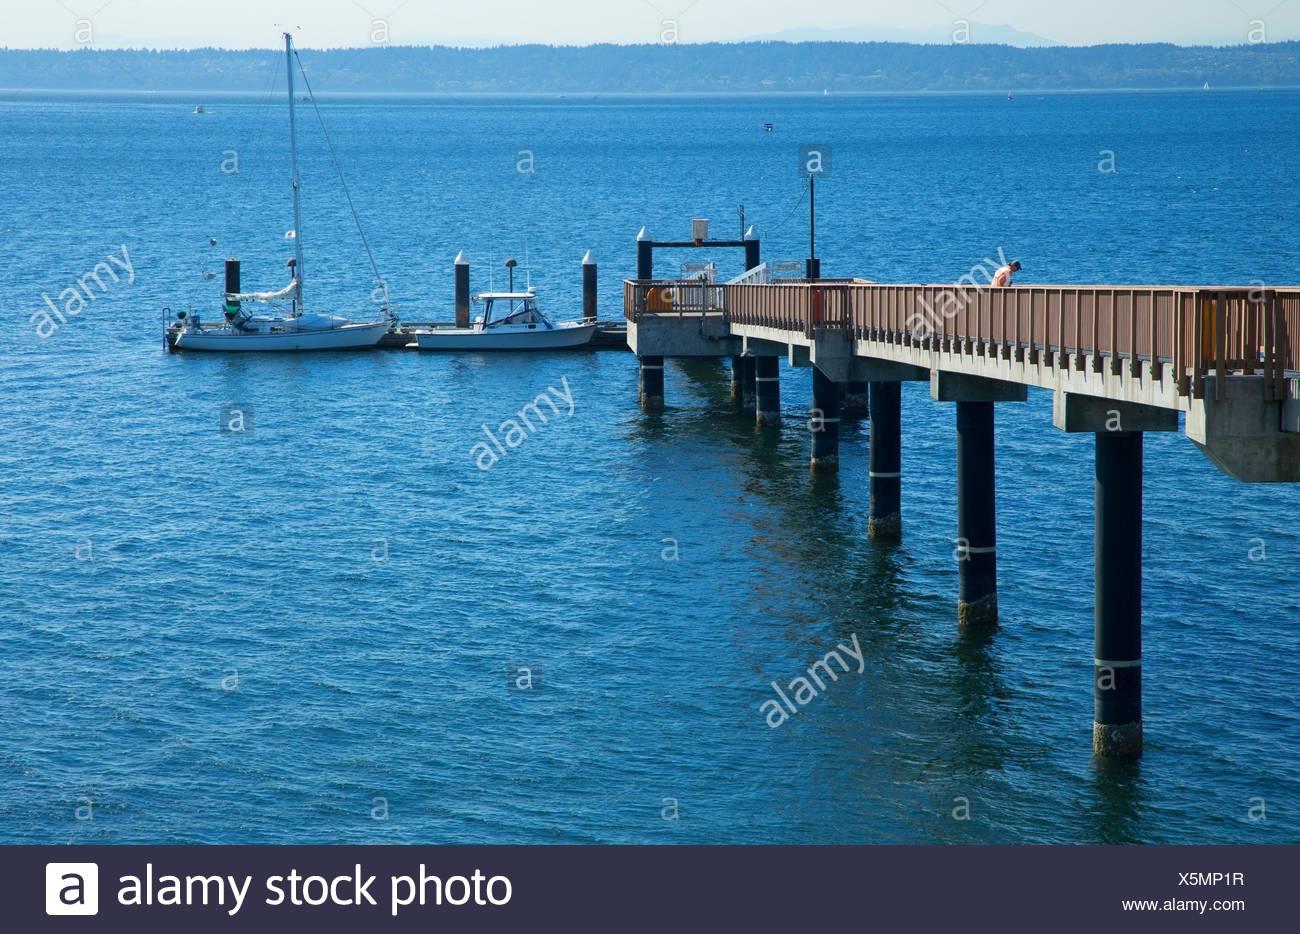 Suquamish Dock, Port Madison Indian Reservation, Suquamish, Washington. - Stock Image